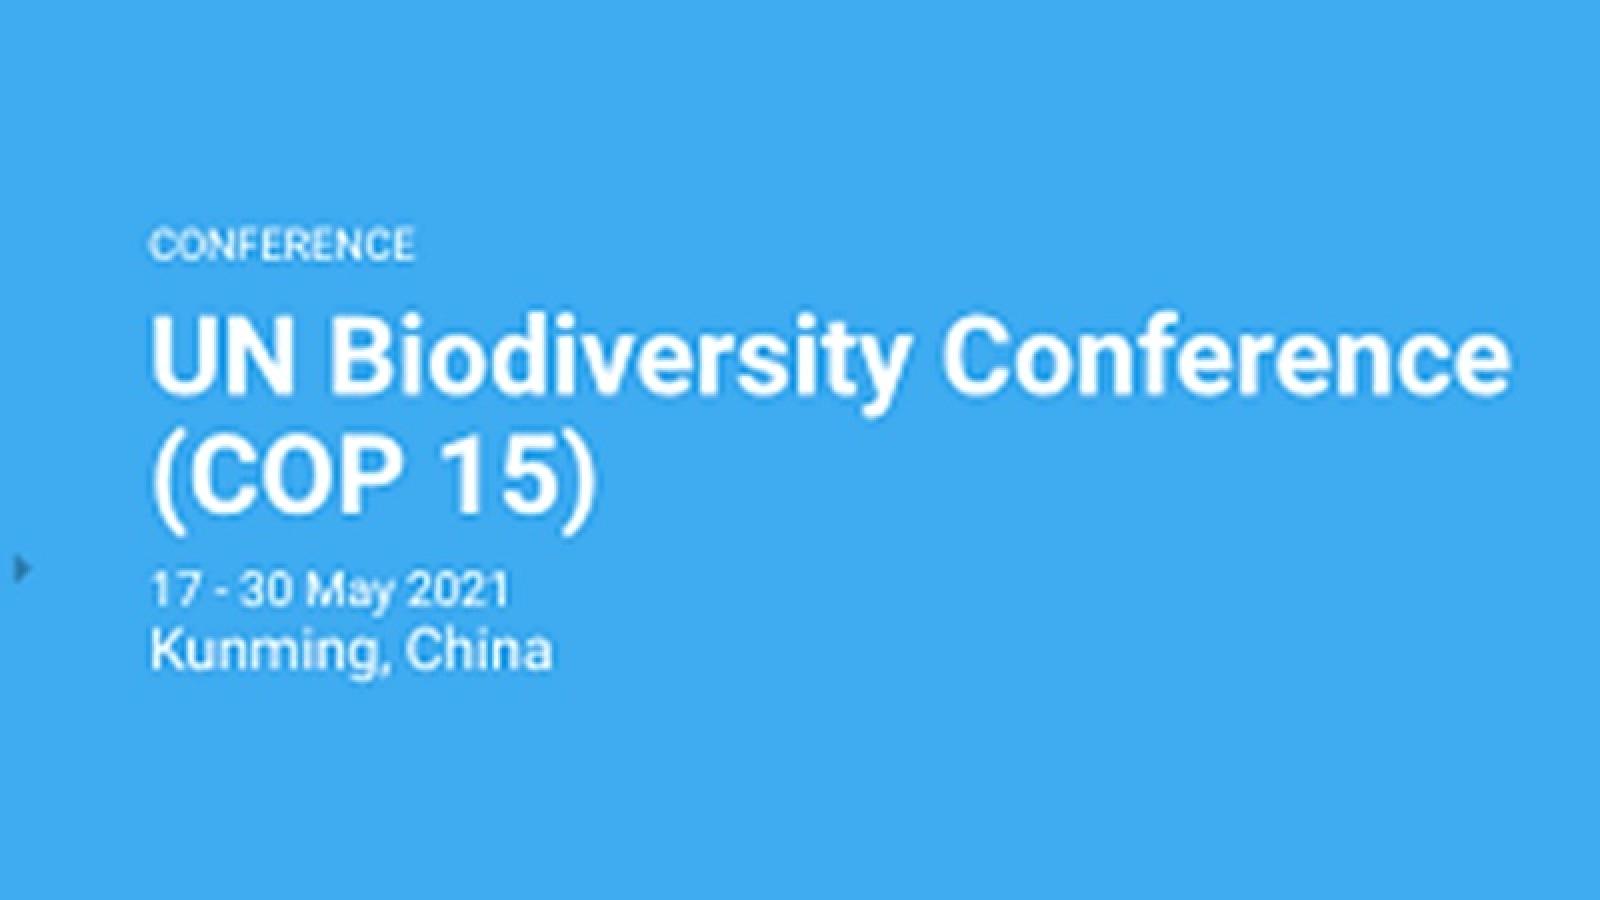 COP 15 khai mạc tại Trung Quốc: Thế giới cần cam kết rõ ràng về đa dạng sinh học